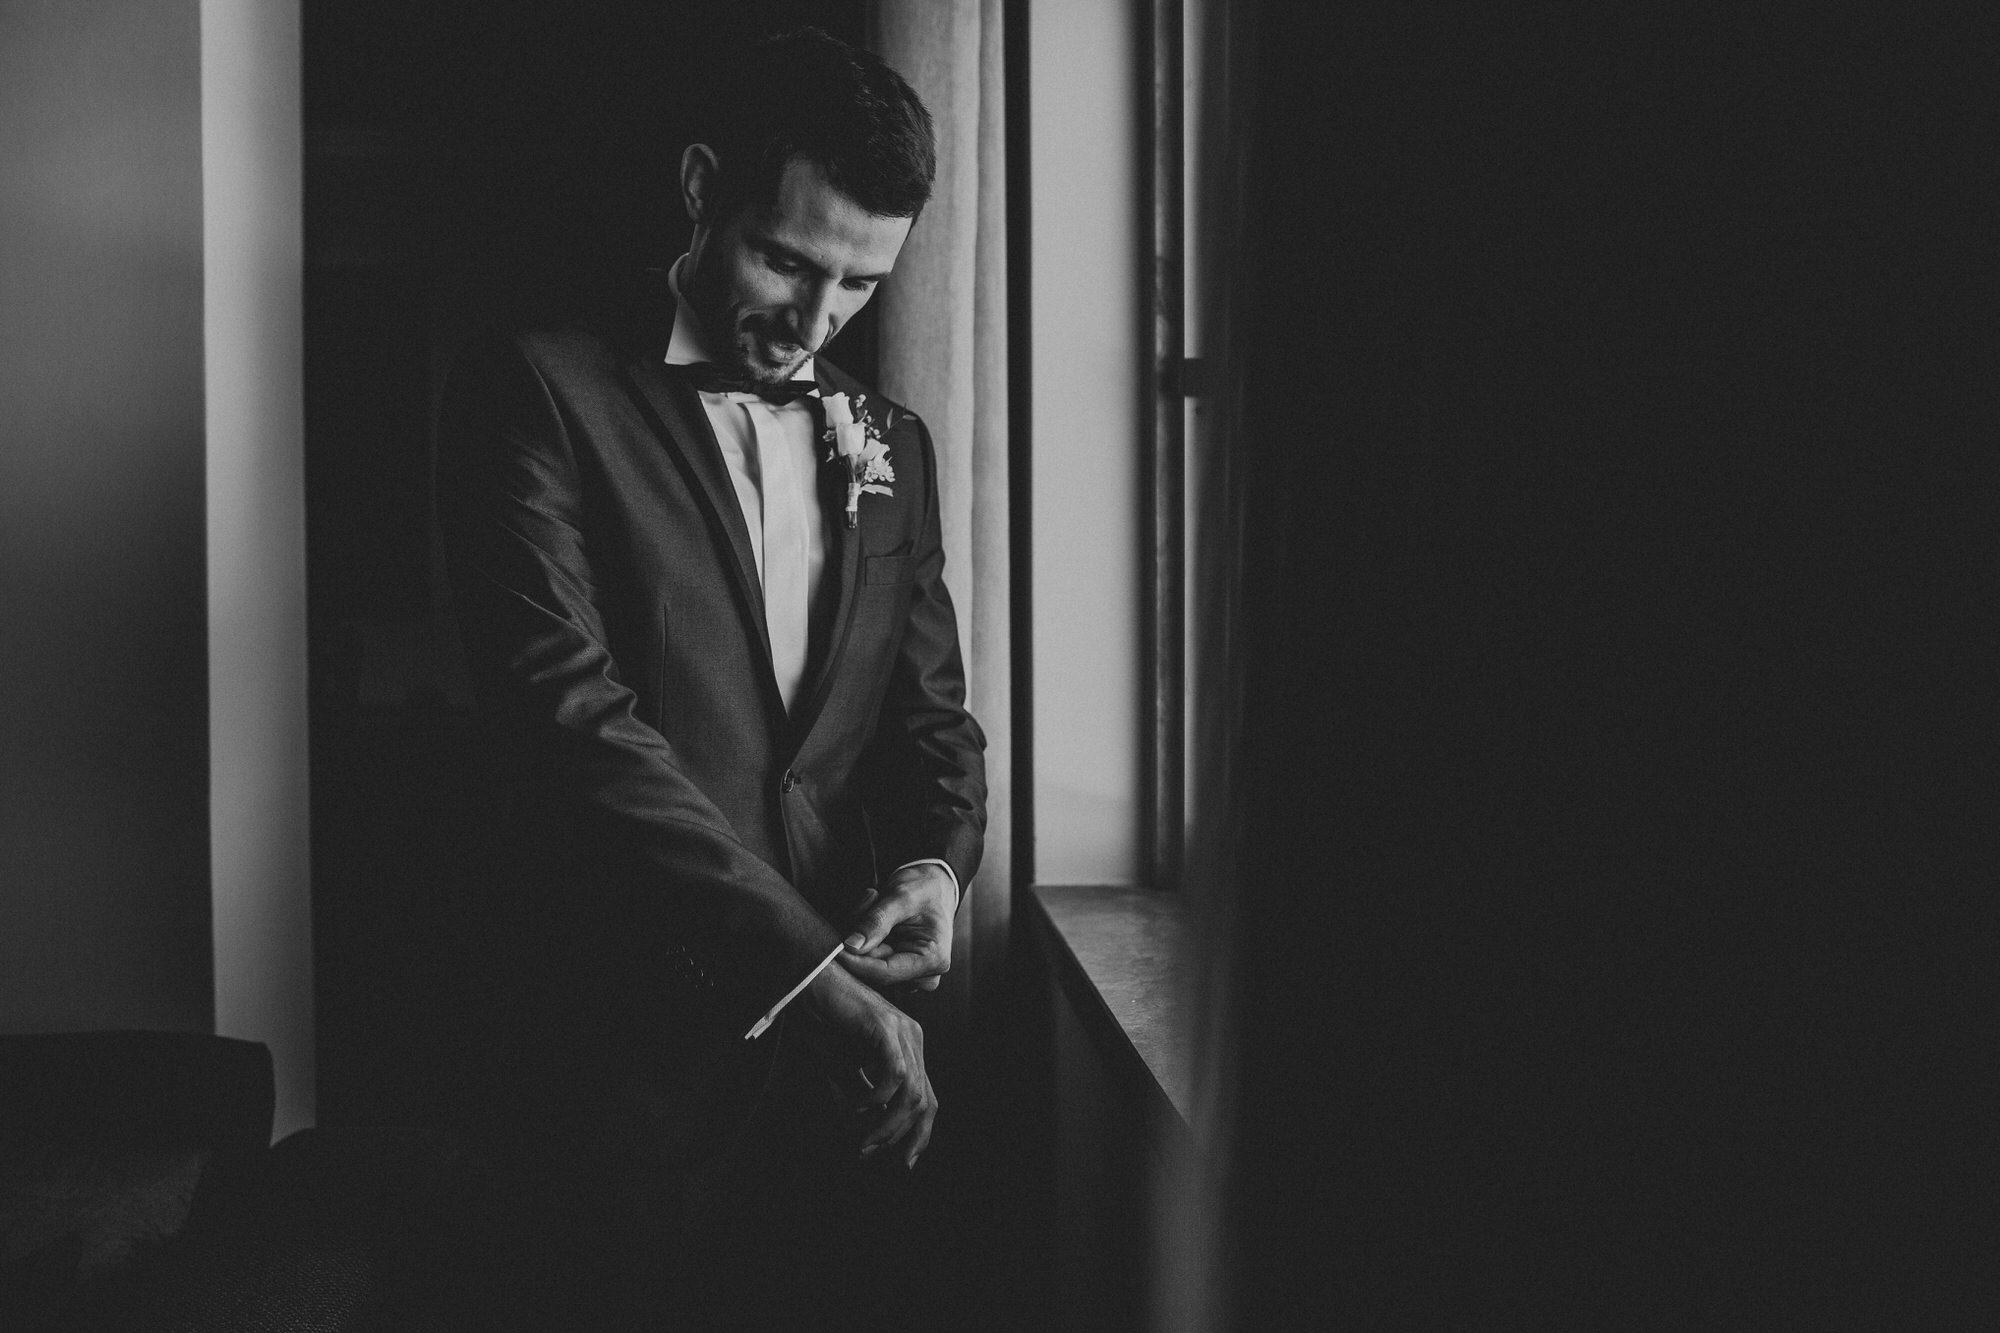 3 filipe_santiago_fotografia_casamento_decoracao_rustico_alenquer_inspiracao_quinta-da-bichinha_sao_goncalo_melhores_quintas_lisboa_distrito_fotografos_fotografia_natural_tendencias_preparaçao do noivo em casa_preto e branco